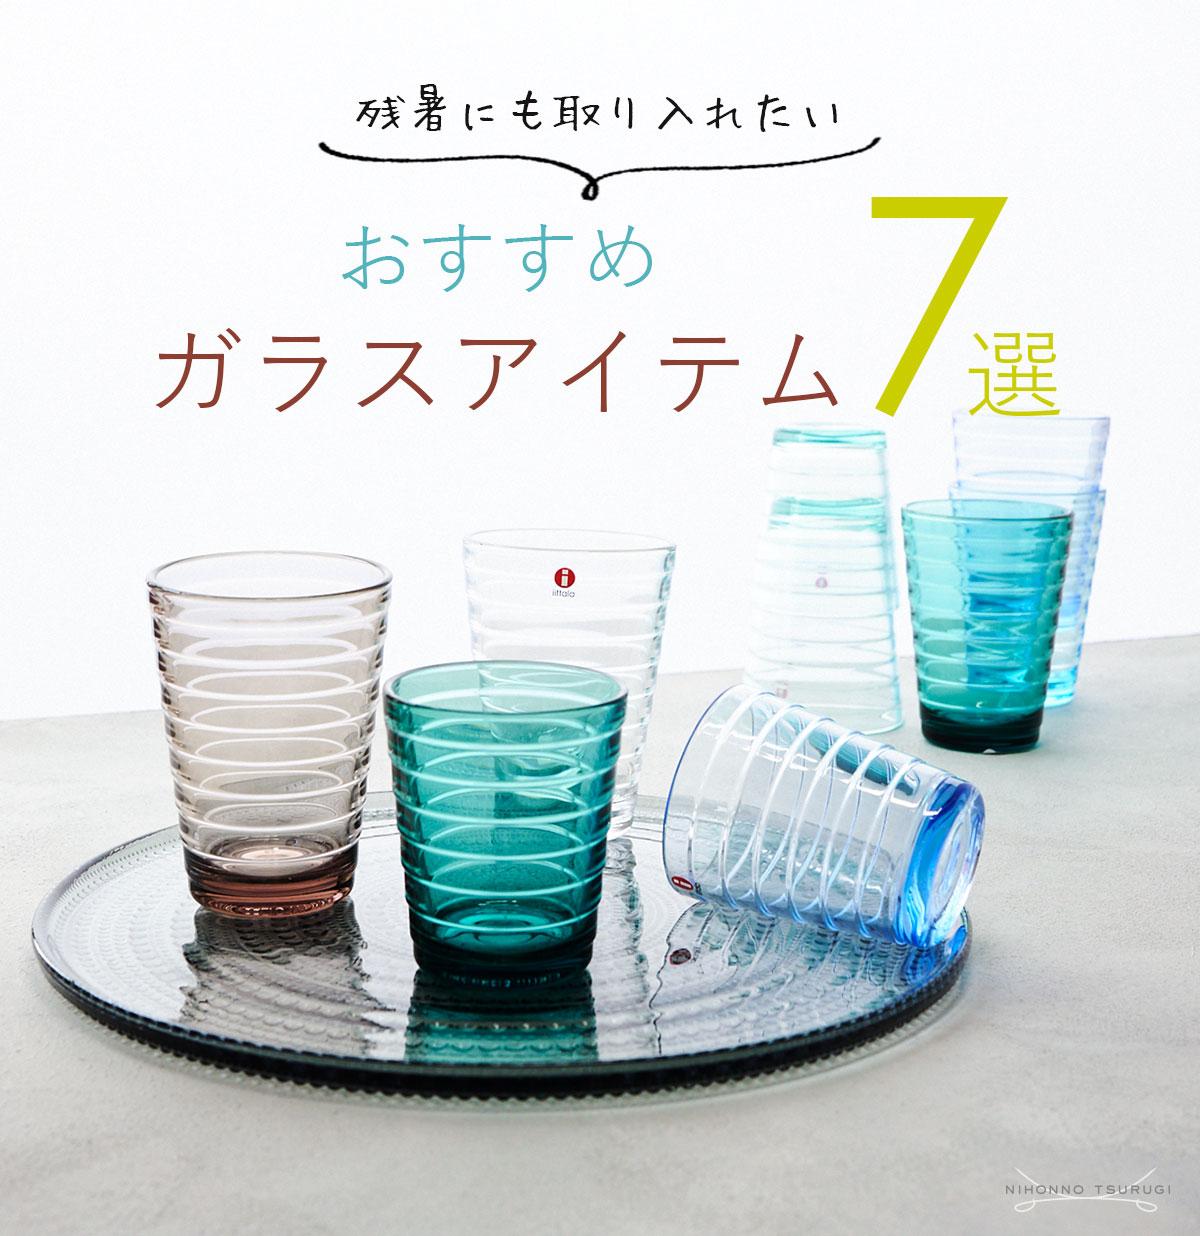 残暑にも取り入れたい、おすすめガラスアイテム7選